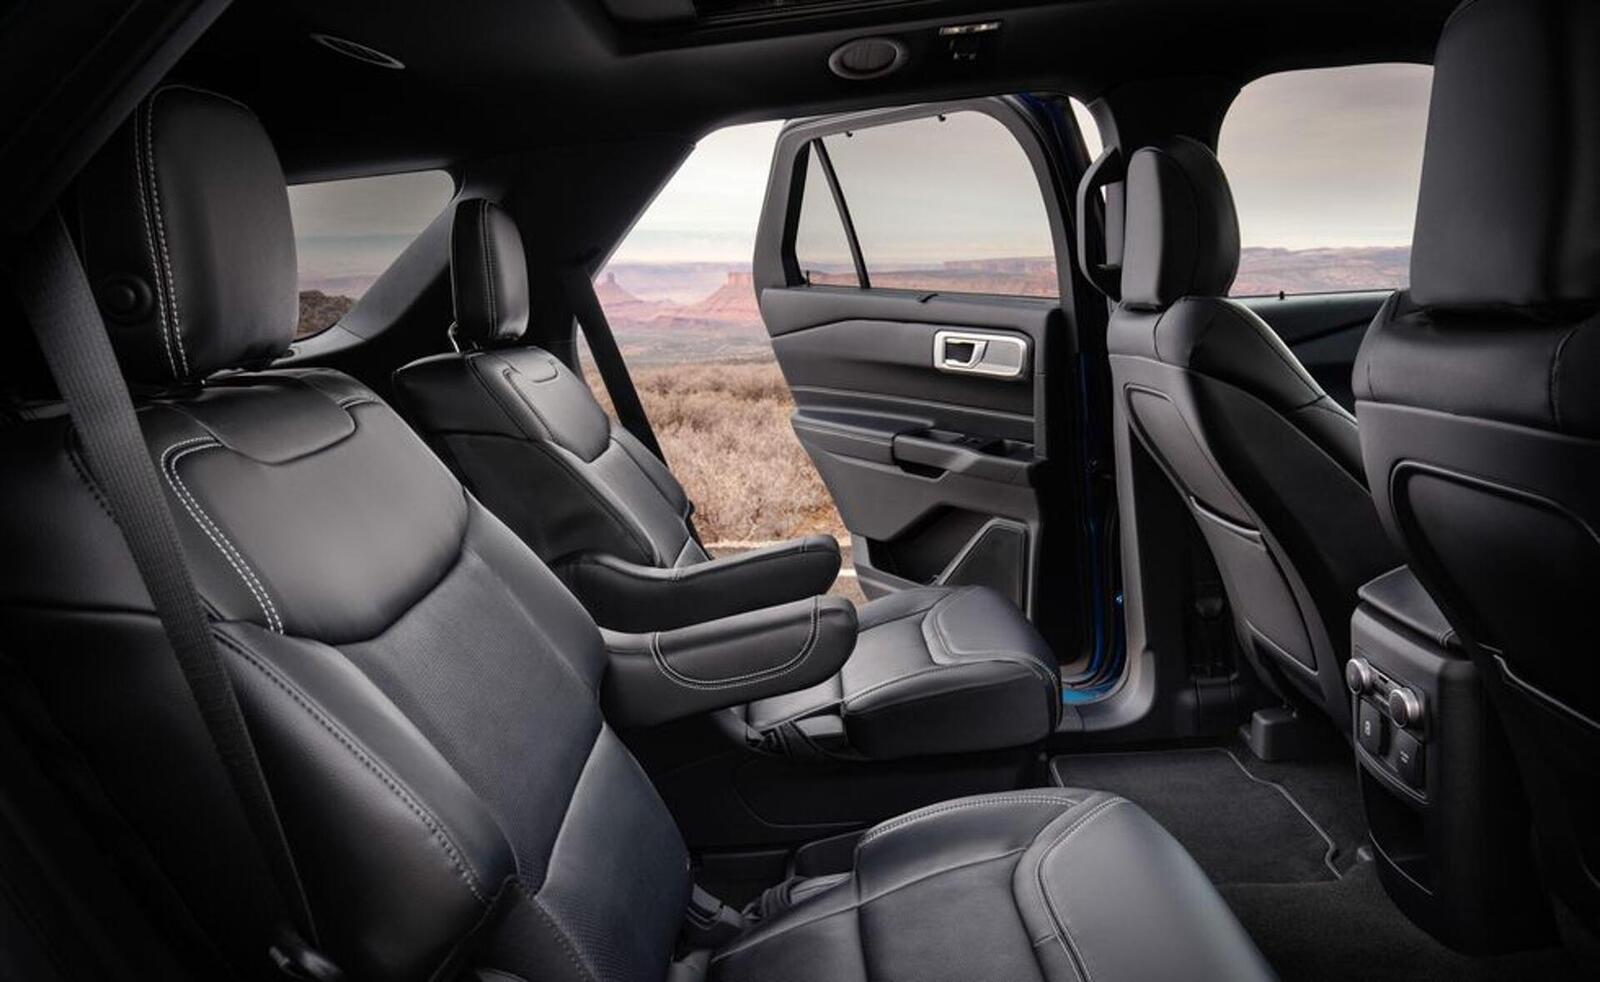 Ford giới thiệu Explorer ST 2020: Phiên bản mạnh nhất lắp máy V6 3.0L tăng áp 400 mã lực - Hình 22